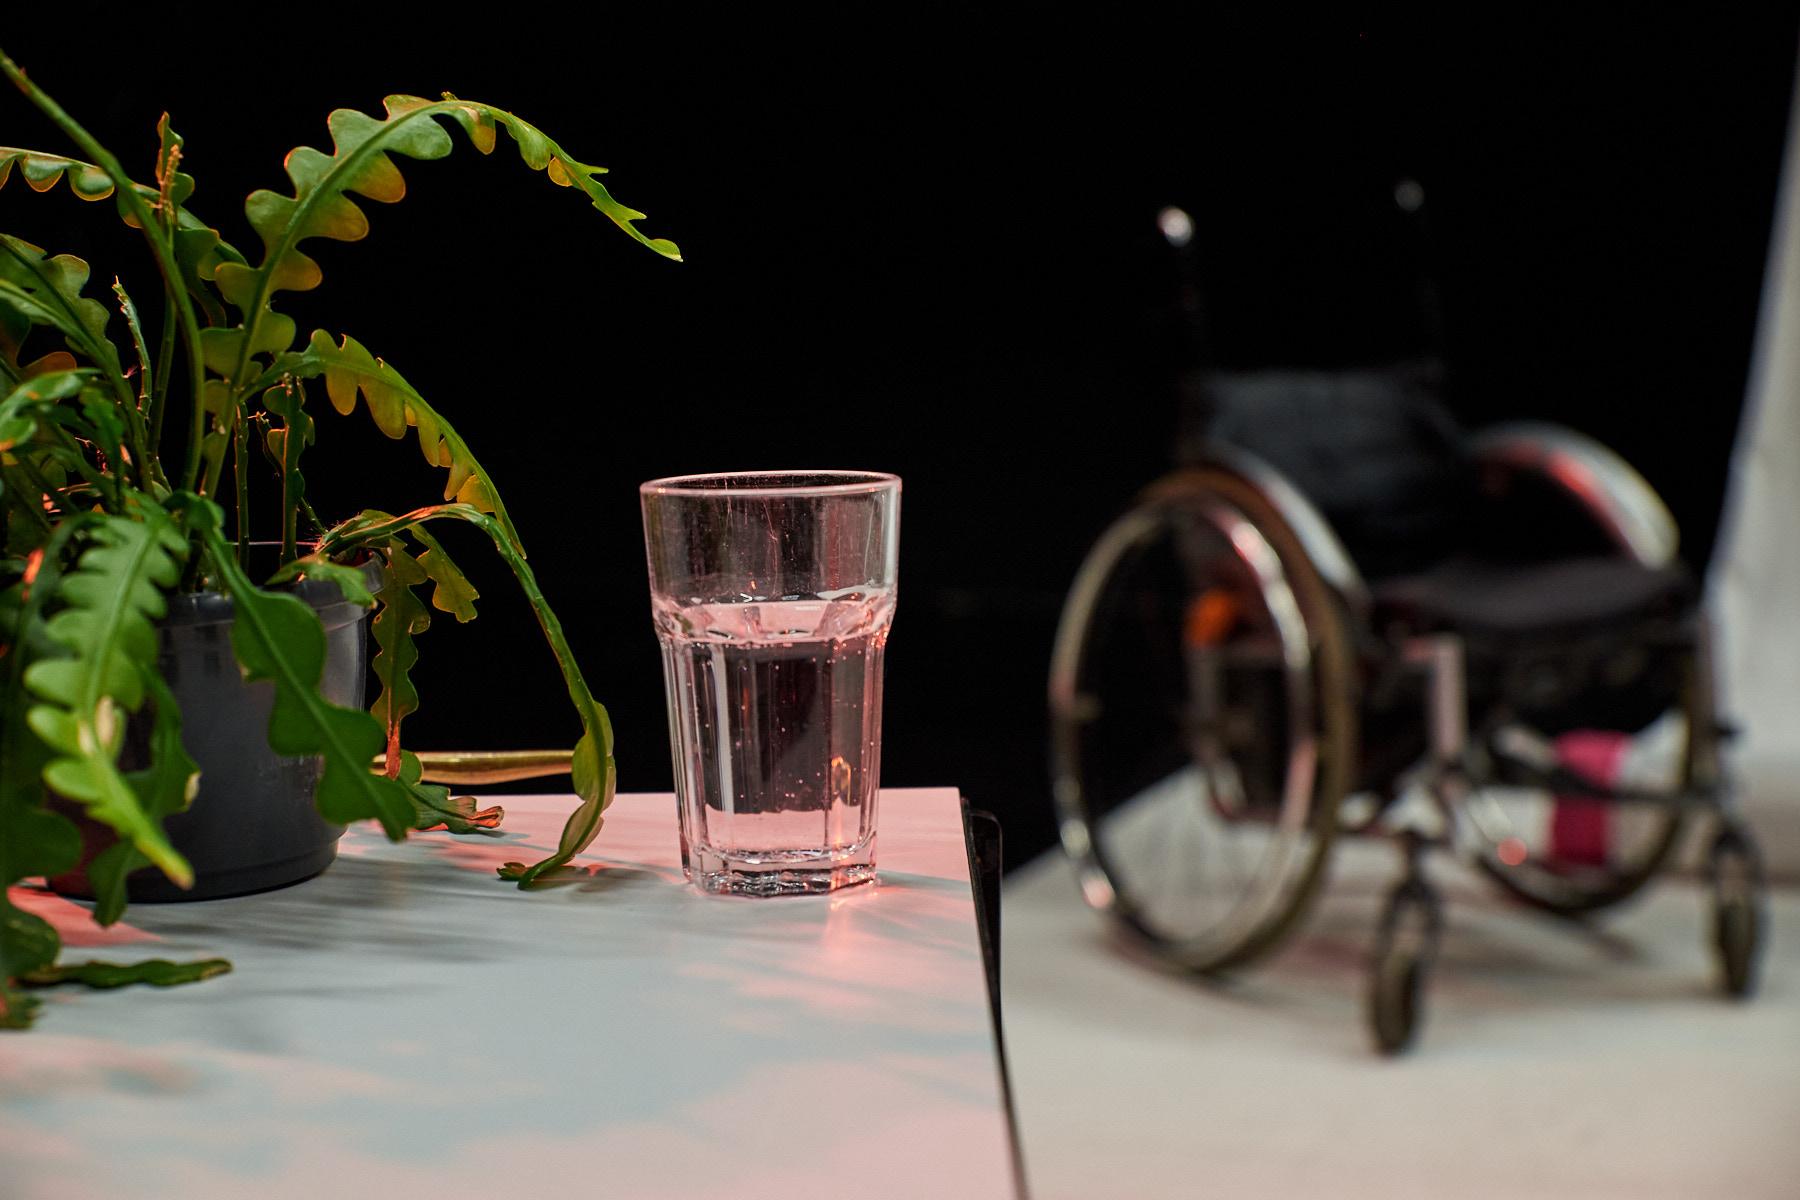 Ein Glas Tonic Water neben Topffplanze mit Rollstuhl im Hintergrund